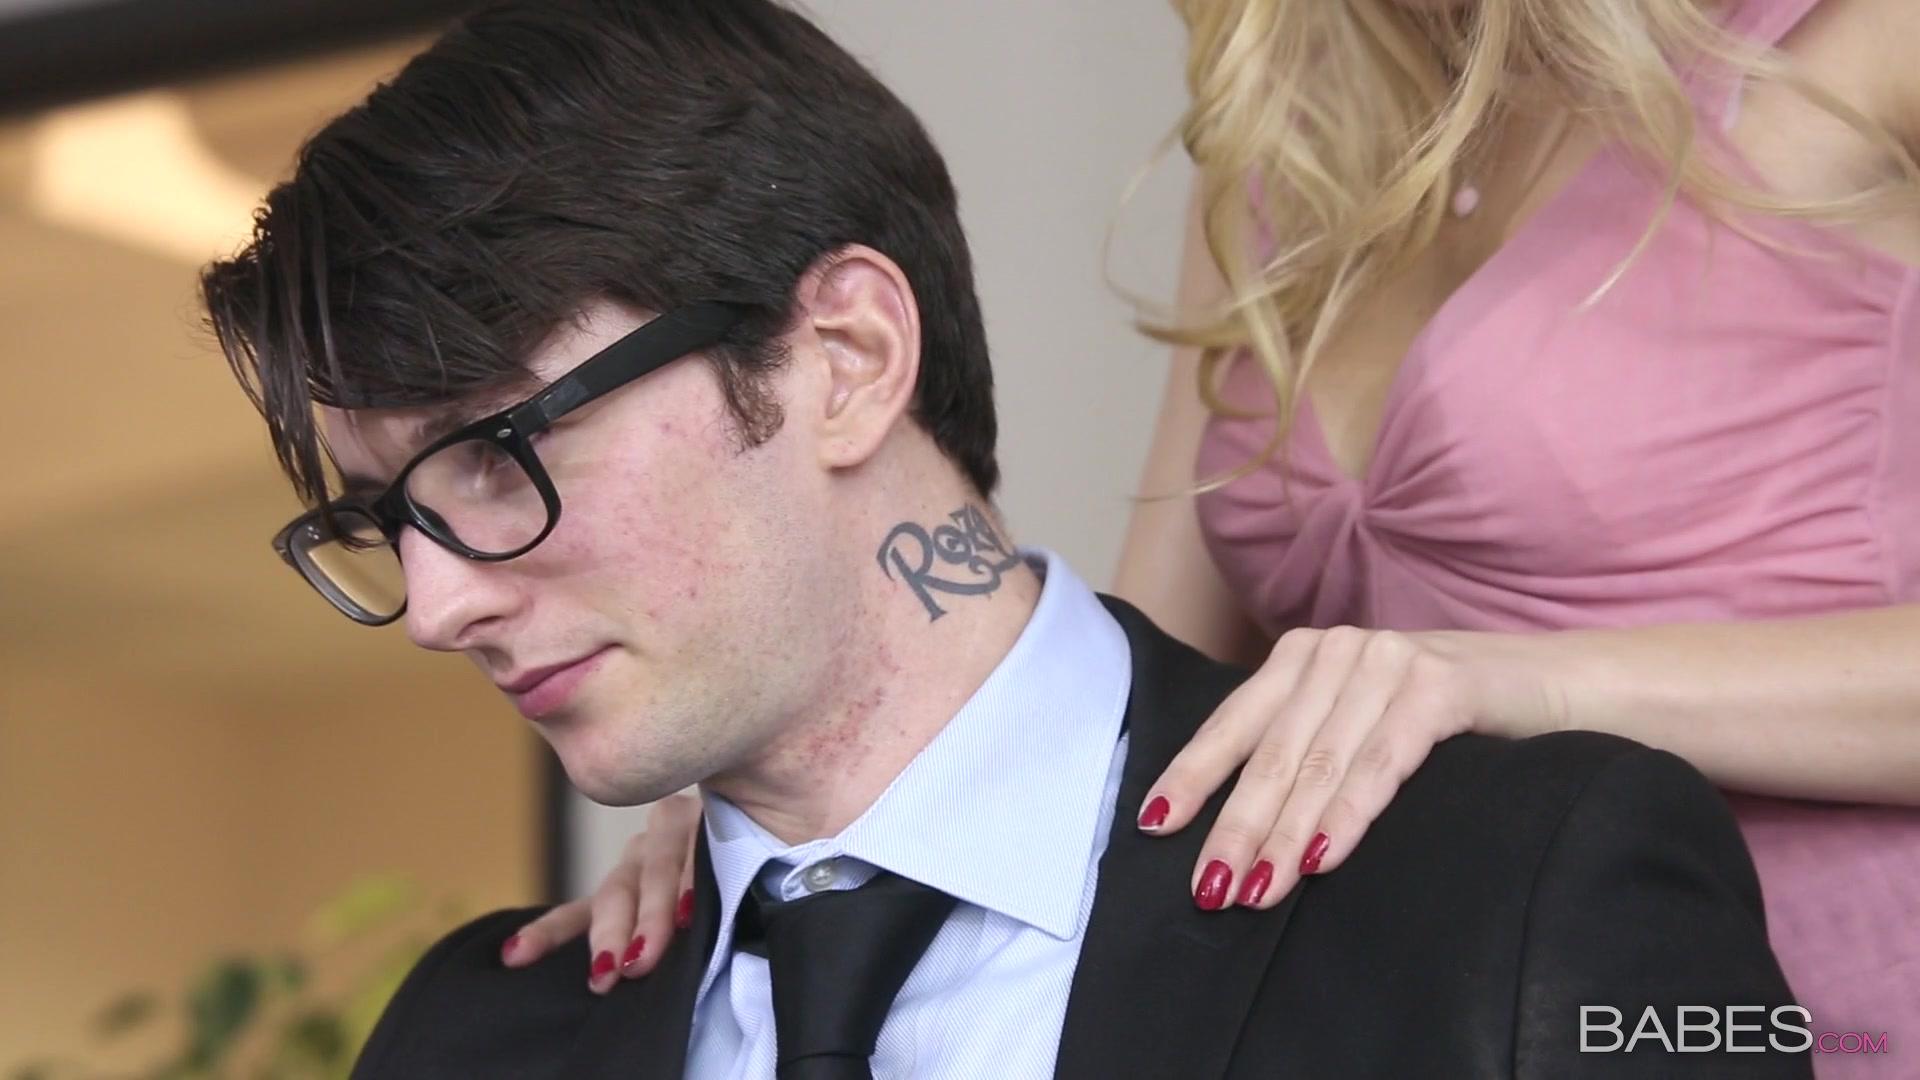 Принуждает к сексу секретаршу, Порно Секретарша -видео. Смотреть порно онлайн! 4 фотография